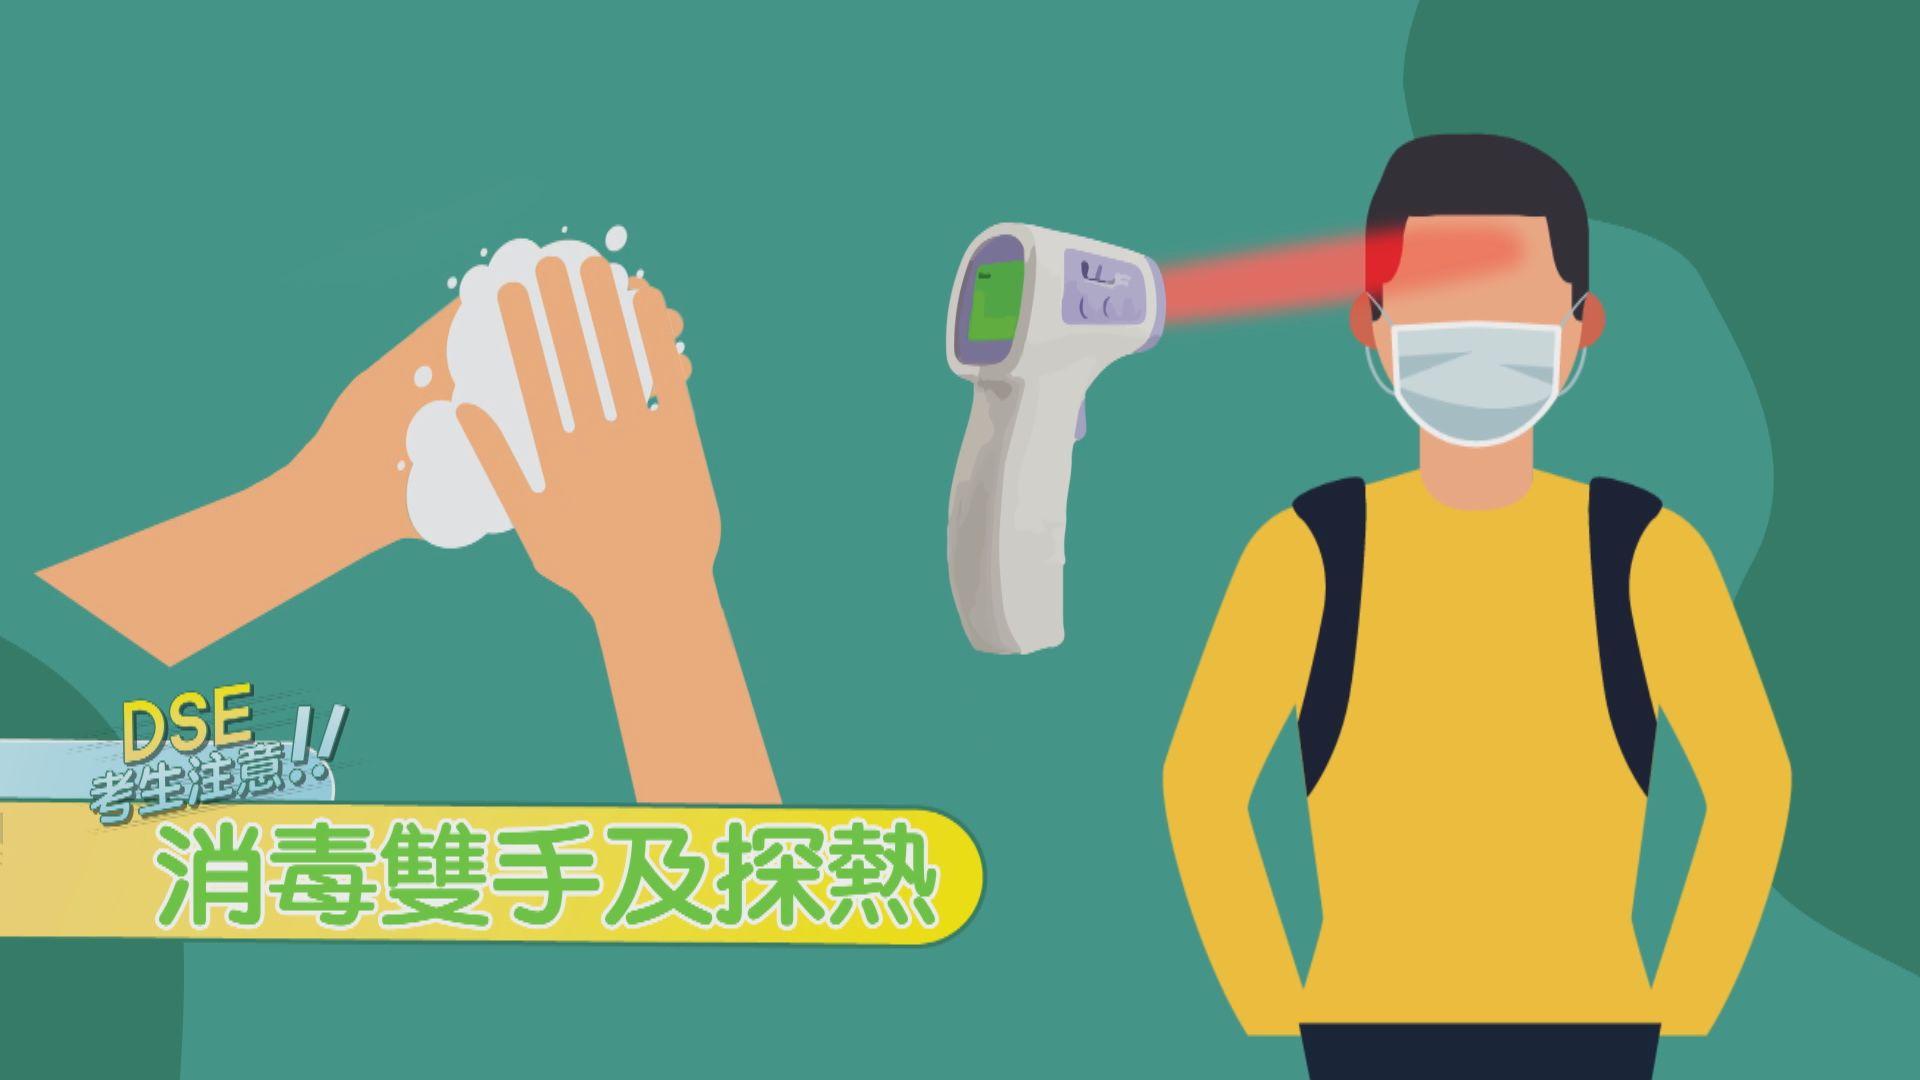 【摘星攻略】入試場戴口罩、有病徵勿赴考 文憑試前必讀懶人包